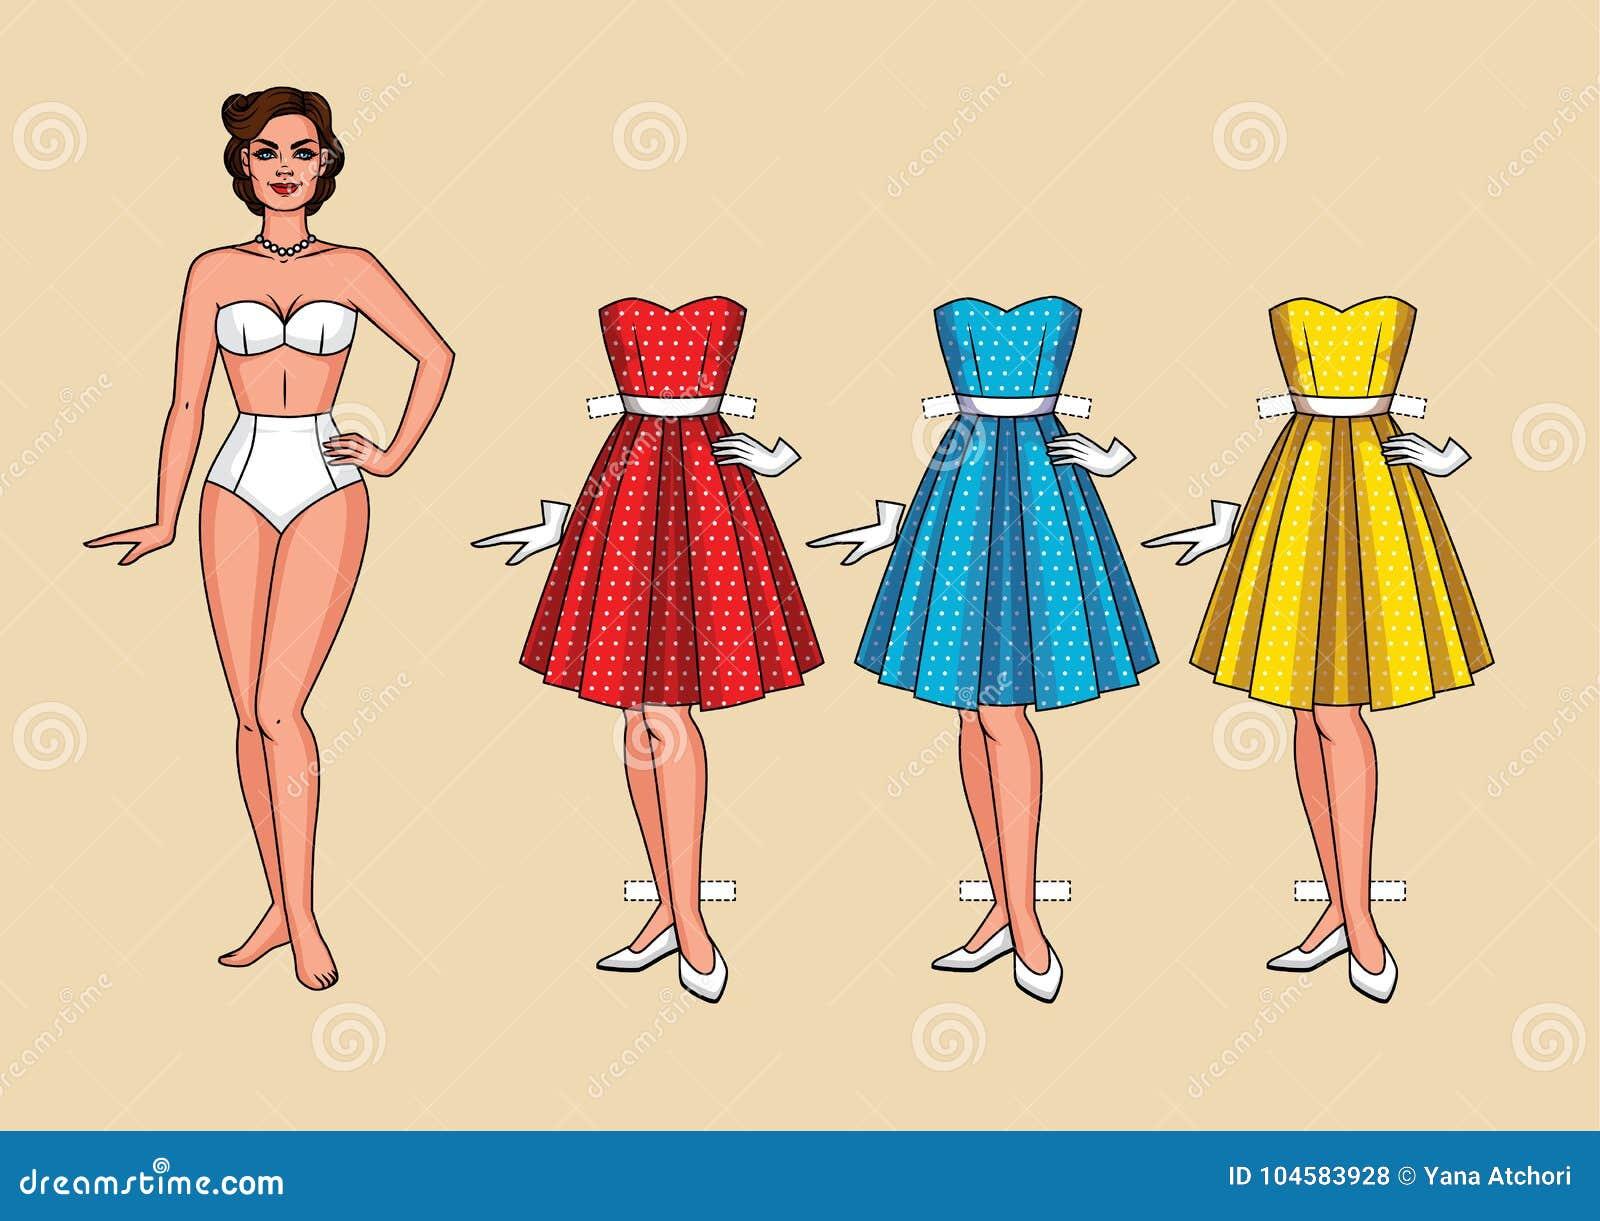 Ziemlich Partykleider Für Junge Frauen Fotos - Brautkleider Ideen ...